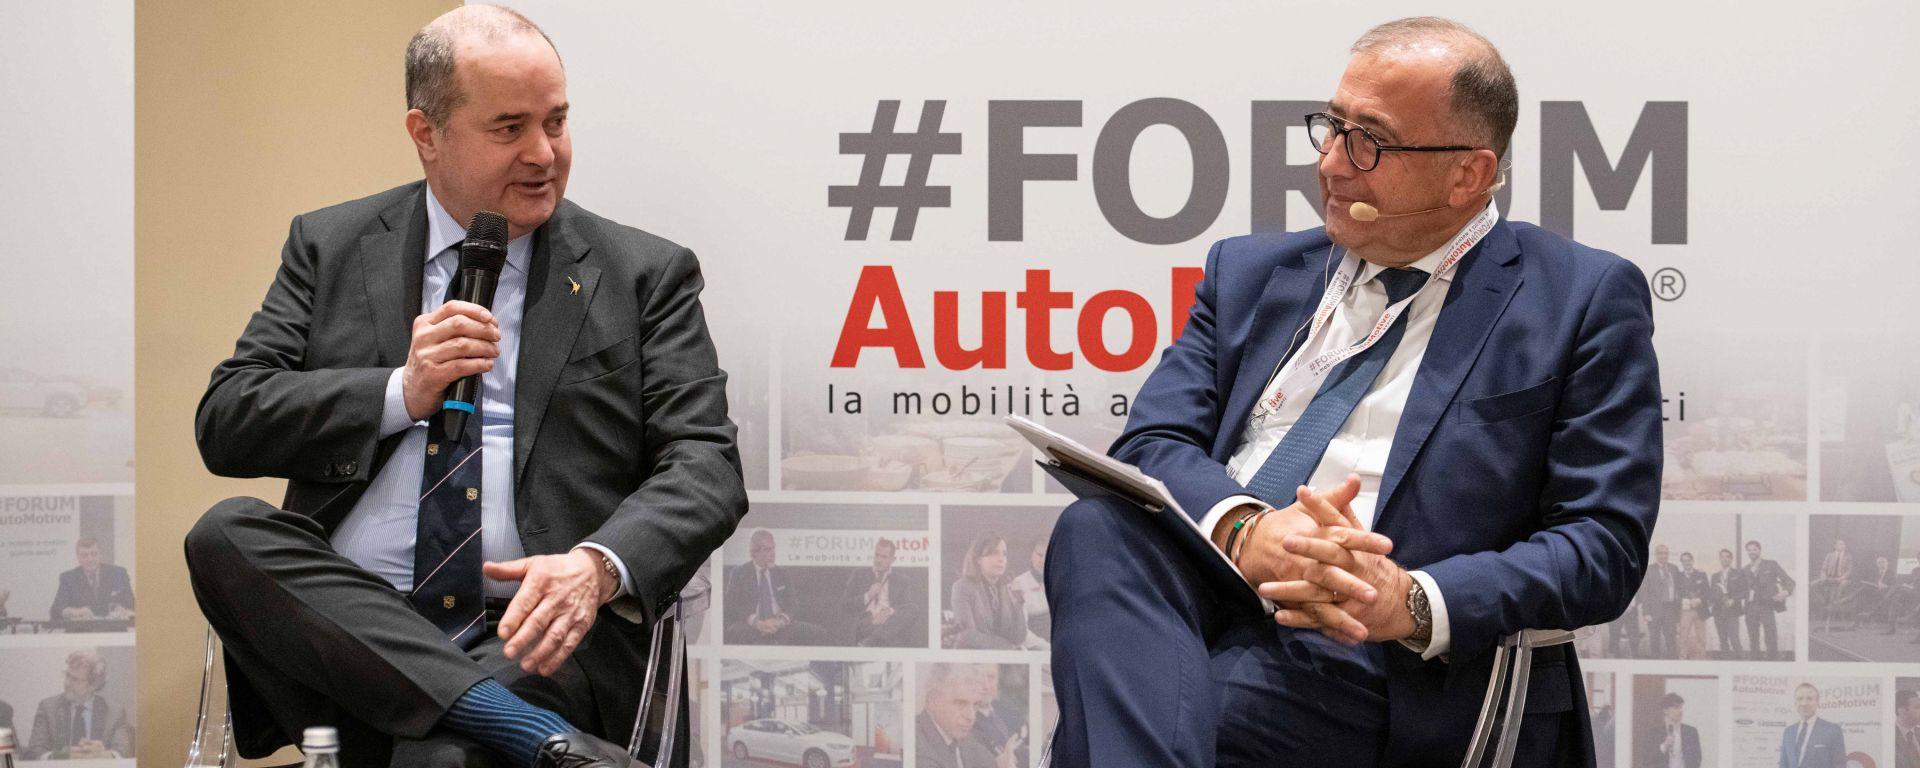 Dario Galli, viceministro dello Sviluppo Economico, e Pierluigi Bonora, promotore Forum Automotive